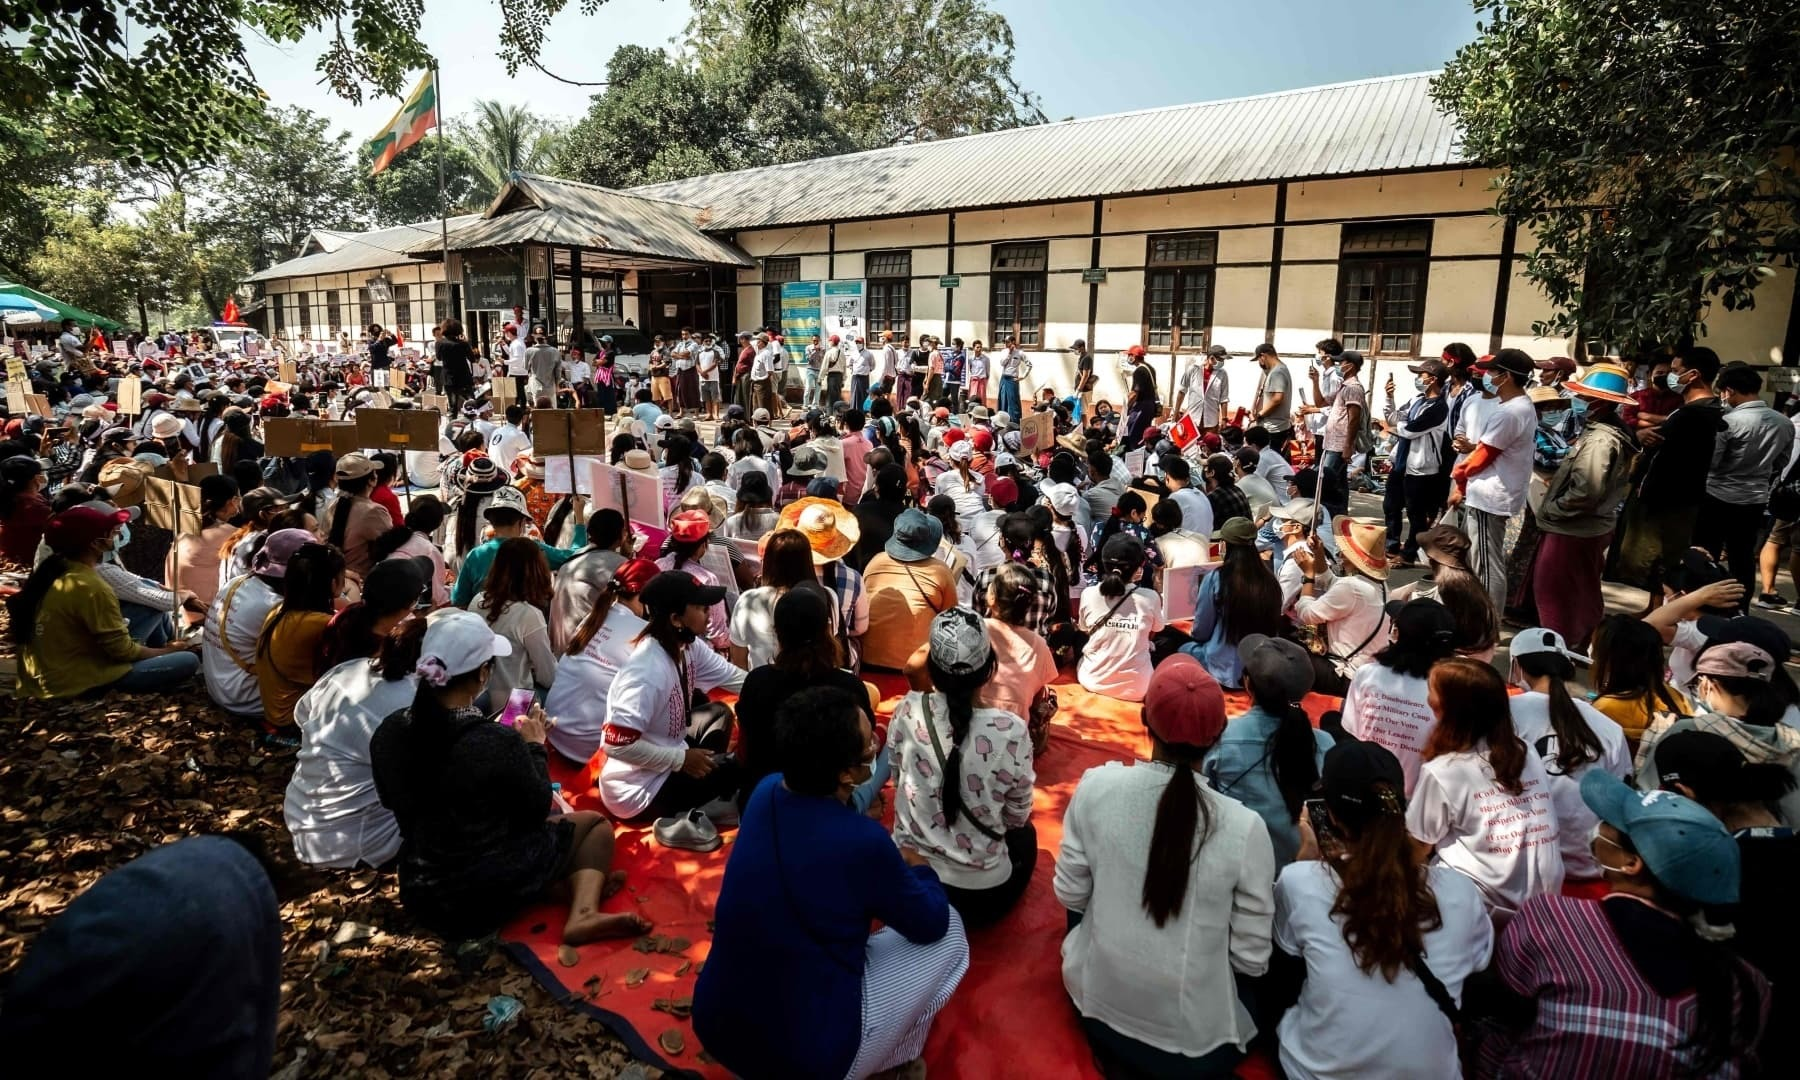 ینگون میں بھی عوام کی بڑی تعداد نے فوج کی حکومت میں مداخلت کے خلاف احتجاج کیا —فوٹو:اے ایف پی